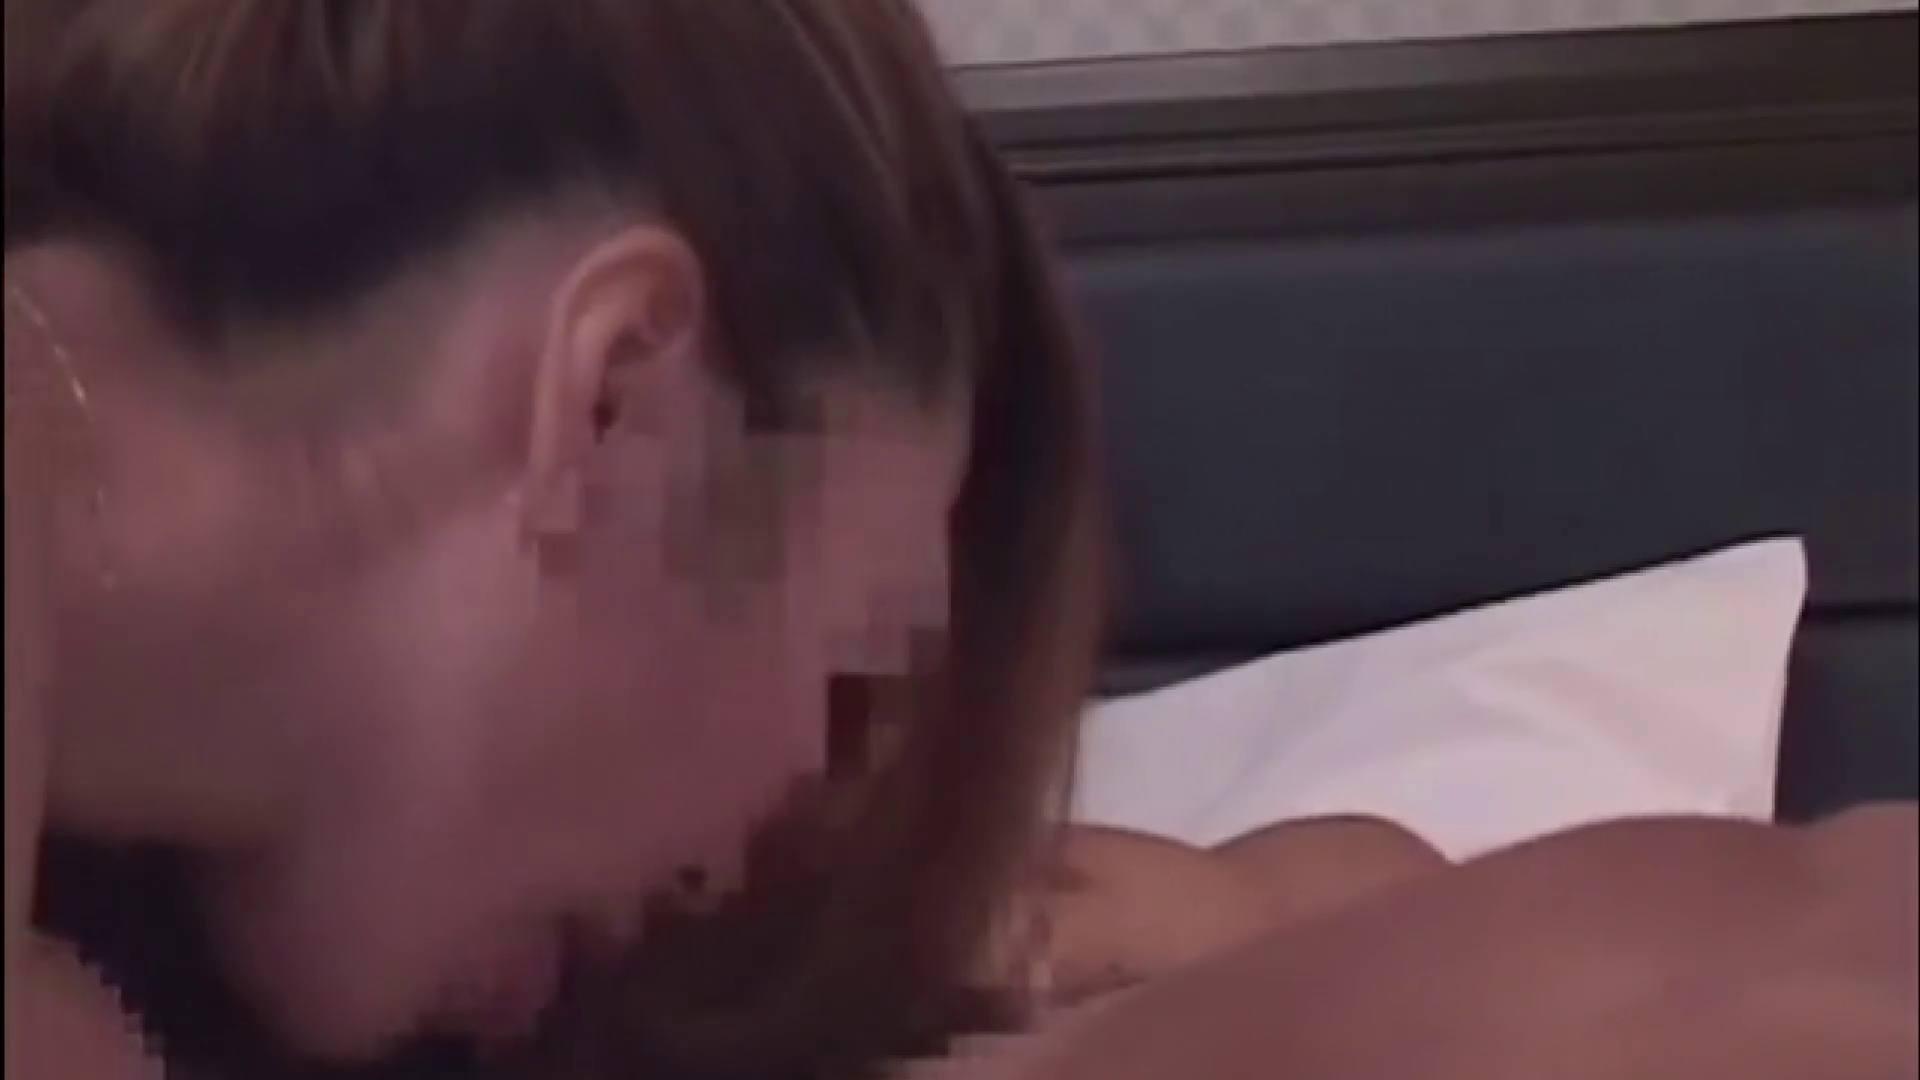 イケイケMEN'SCLUB vol.12前編 対女性 | 入浴・シャワー丸見え ゲイヌード画像 79pic 17